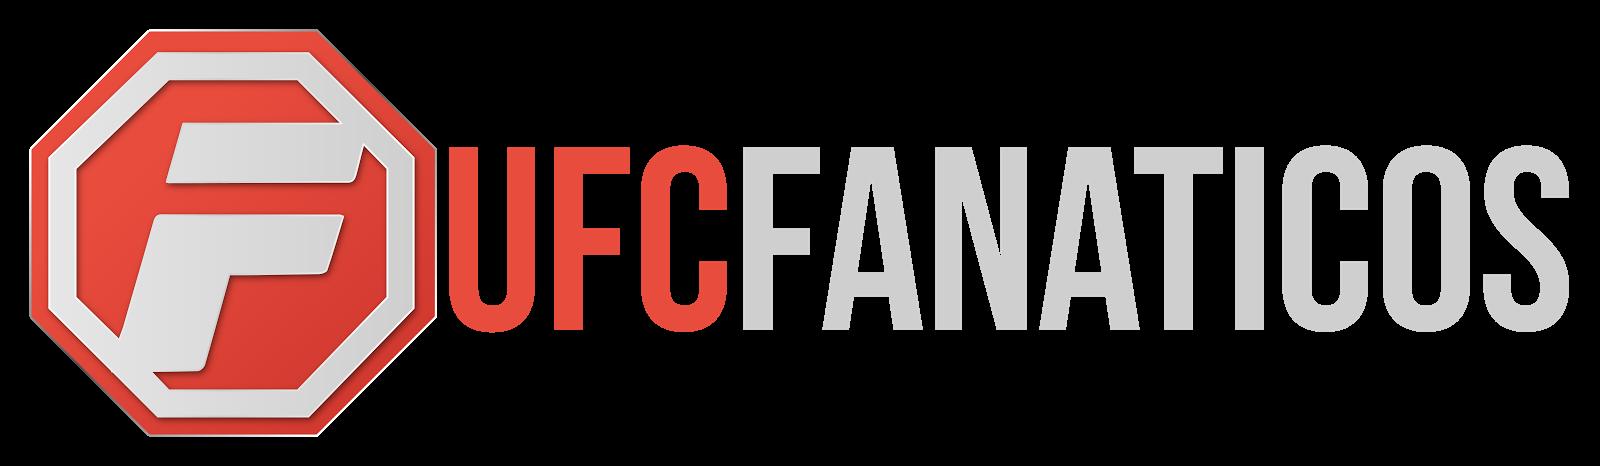 UFC Fanáticos